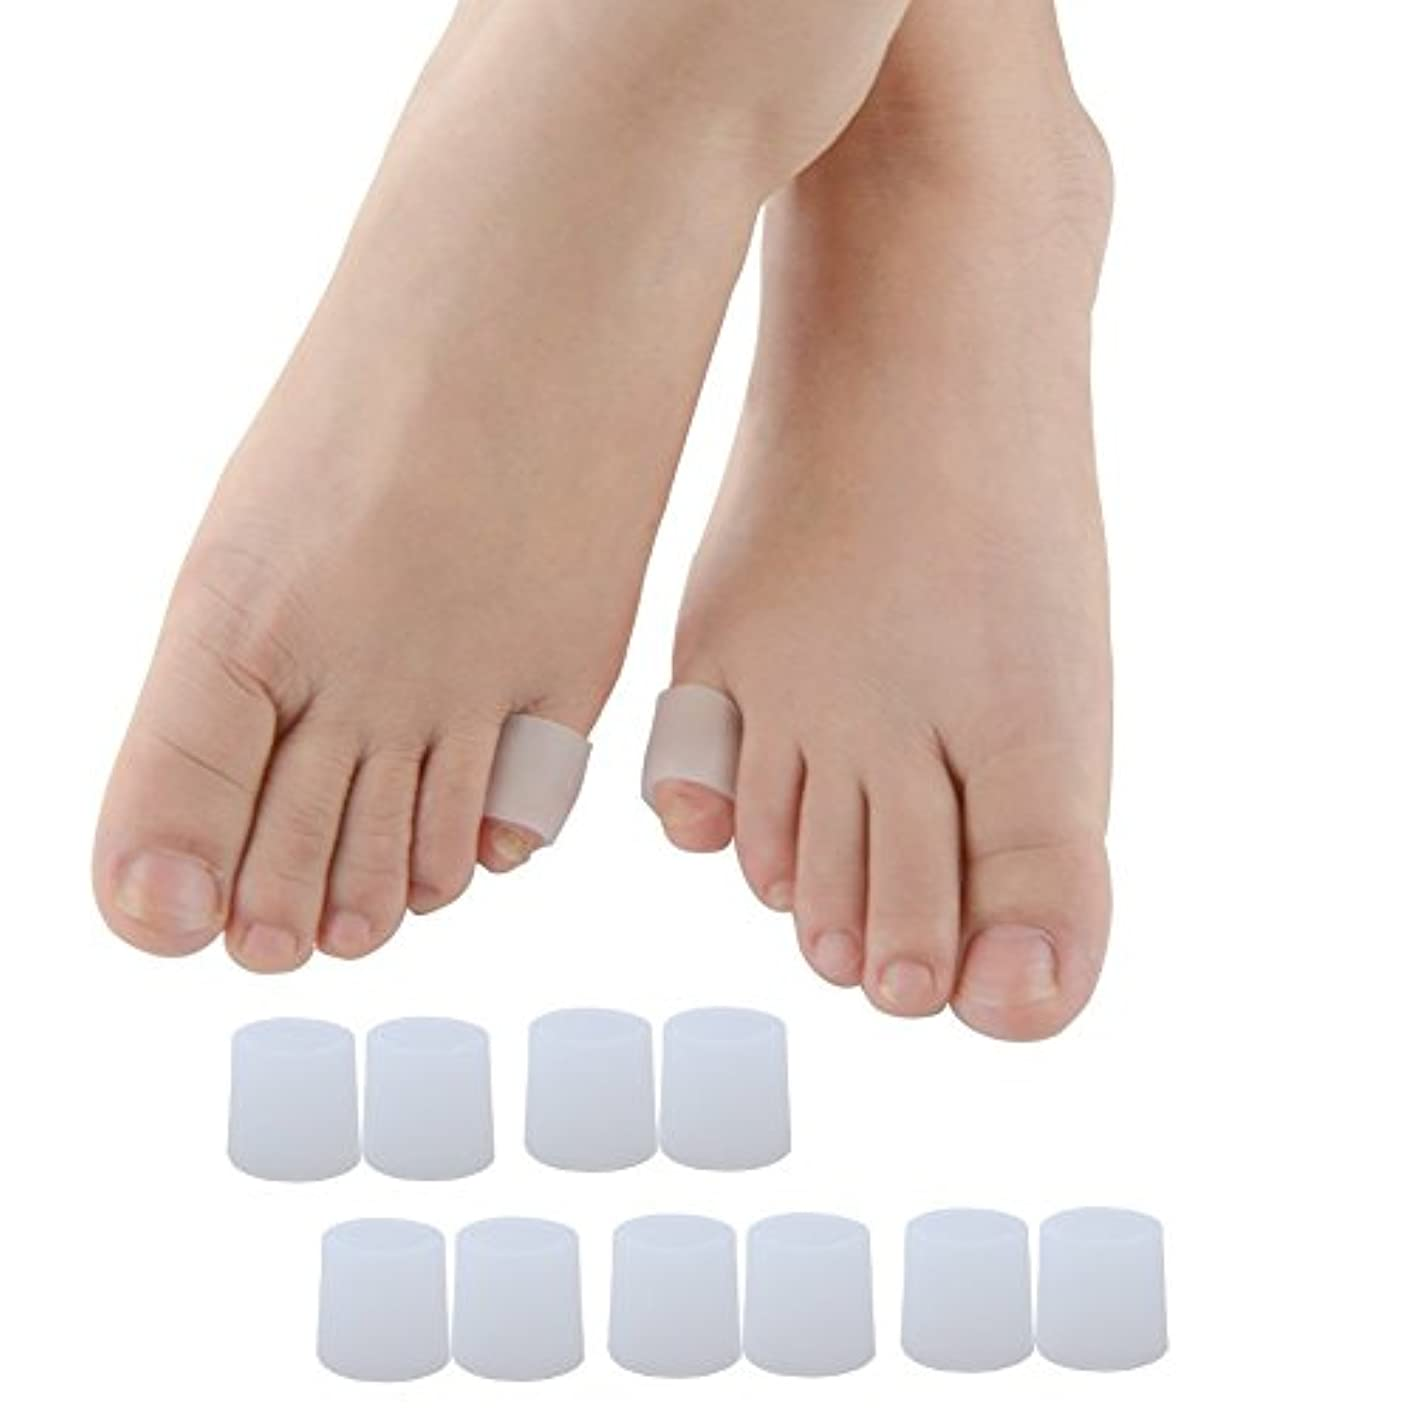 のホスト手つかずののれんPovihome 足指 足爪 保護キャップ 小指 5ペア,足の小指保護, 白い 足 指 キャップ